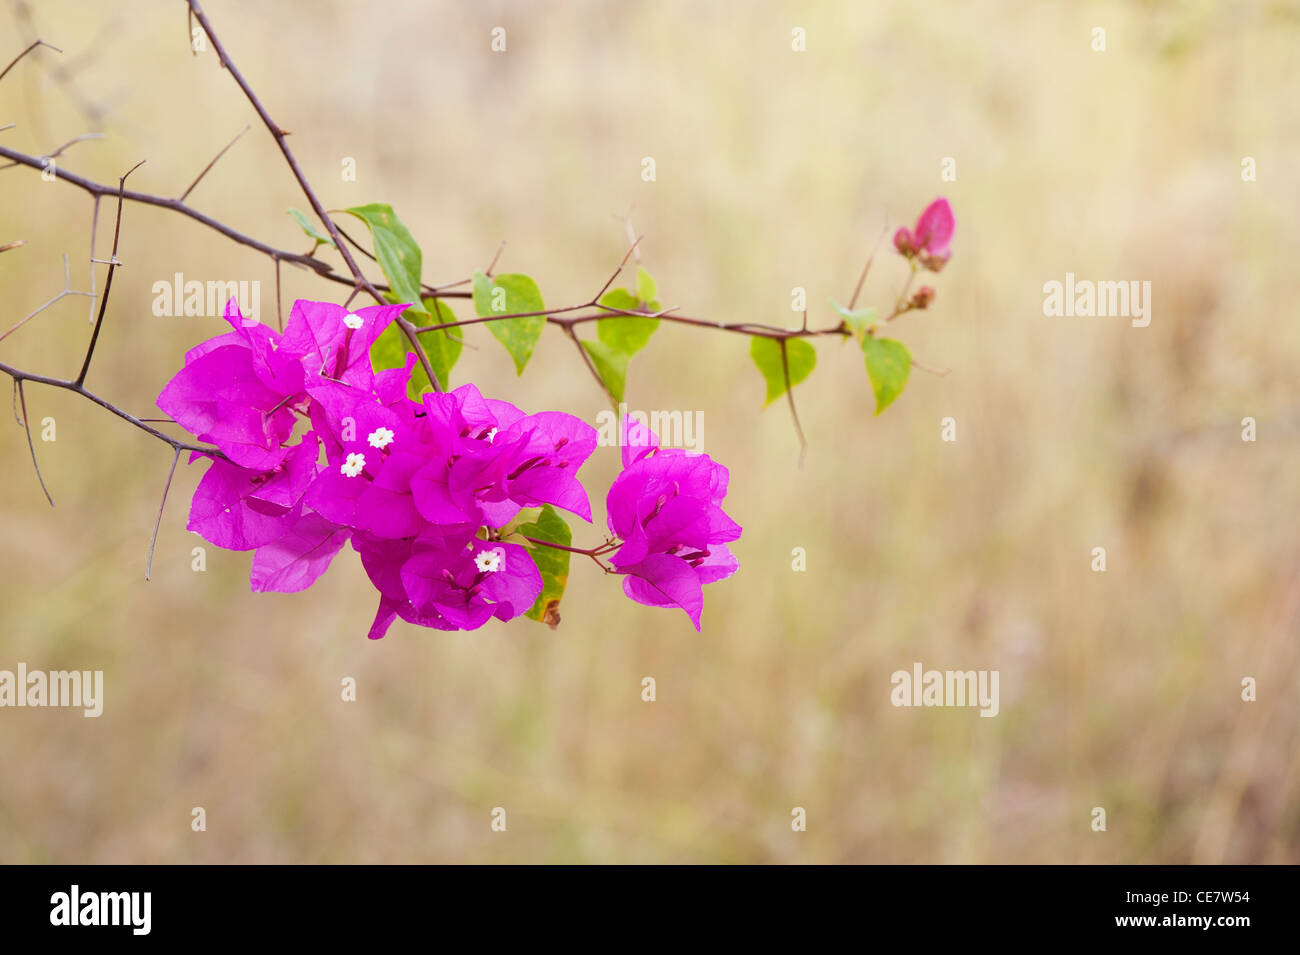 El Bougainvillea spectabilis. Gran bougainvillea pequeñas flores blancas y brácteas de color púrpura. La India Foto de stock